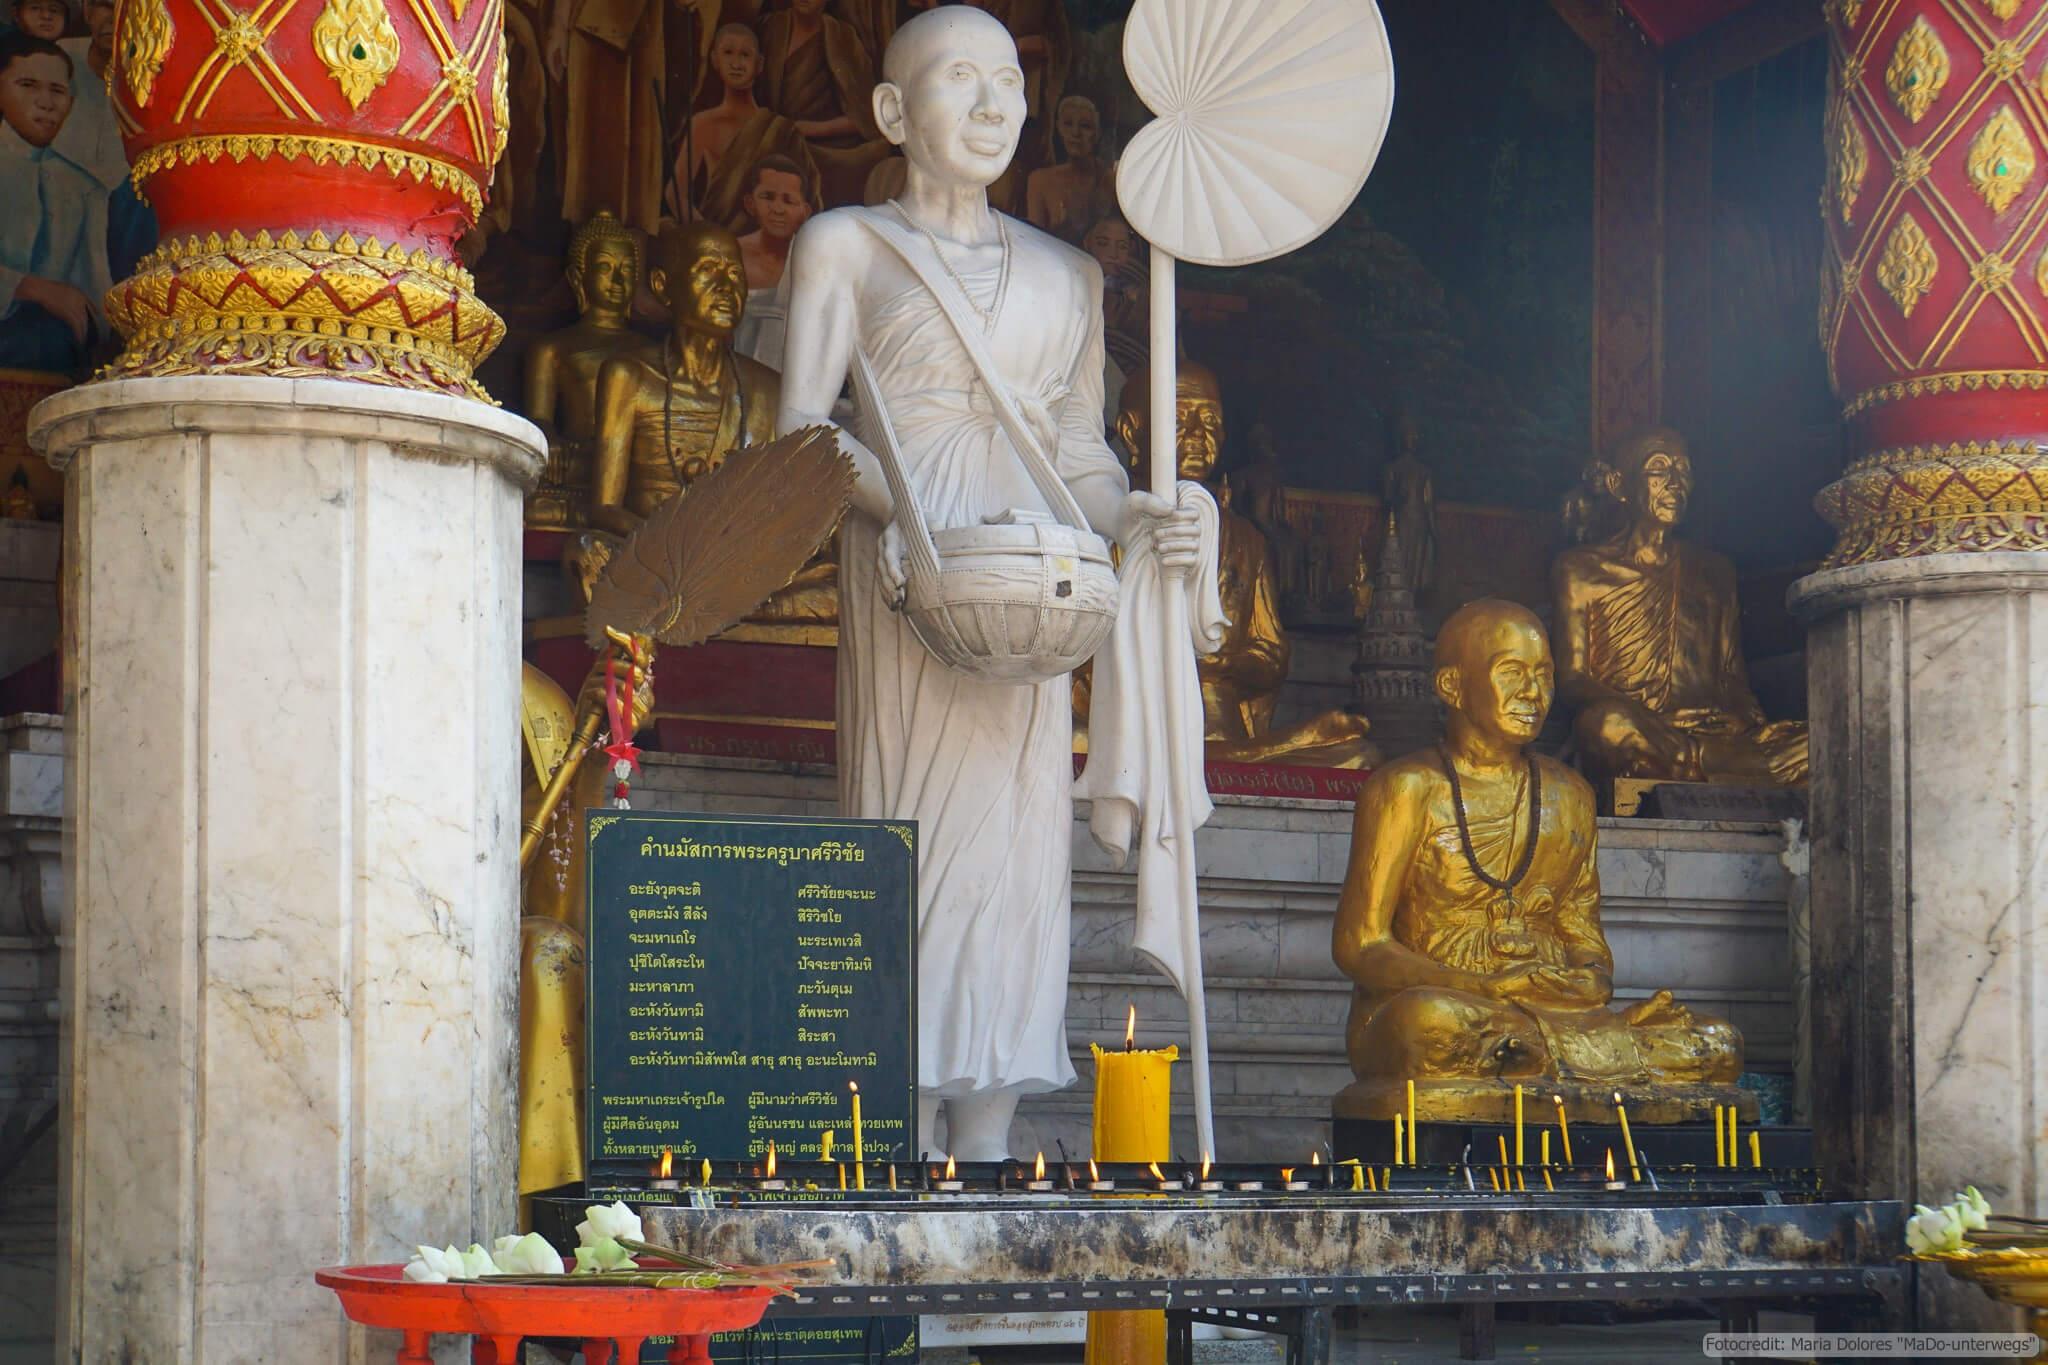 Wat Phra That Doi Suthep bei Chiang Mai: Mönchsstatuen (Reisetagebuch «Thailand als Alleinreisende ohne Roller entdecken»)